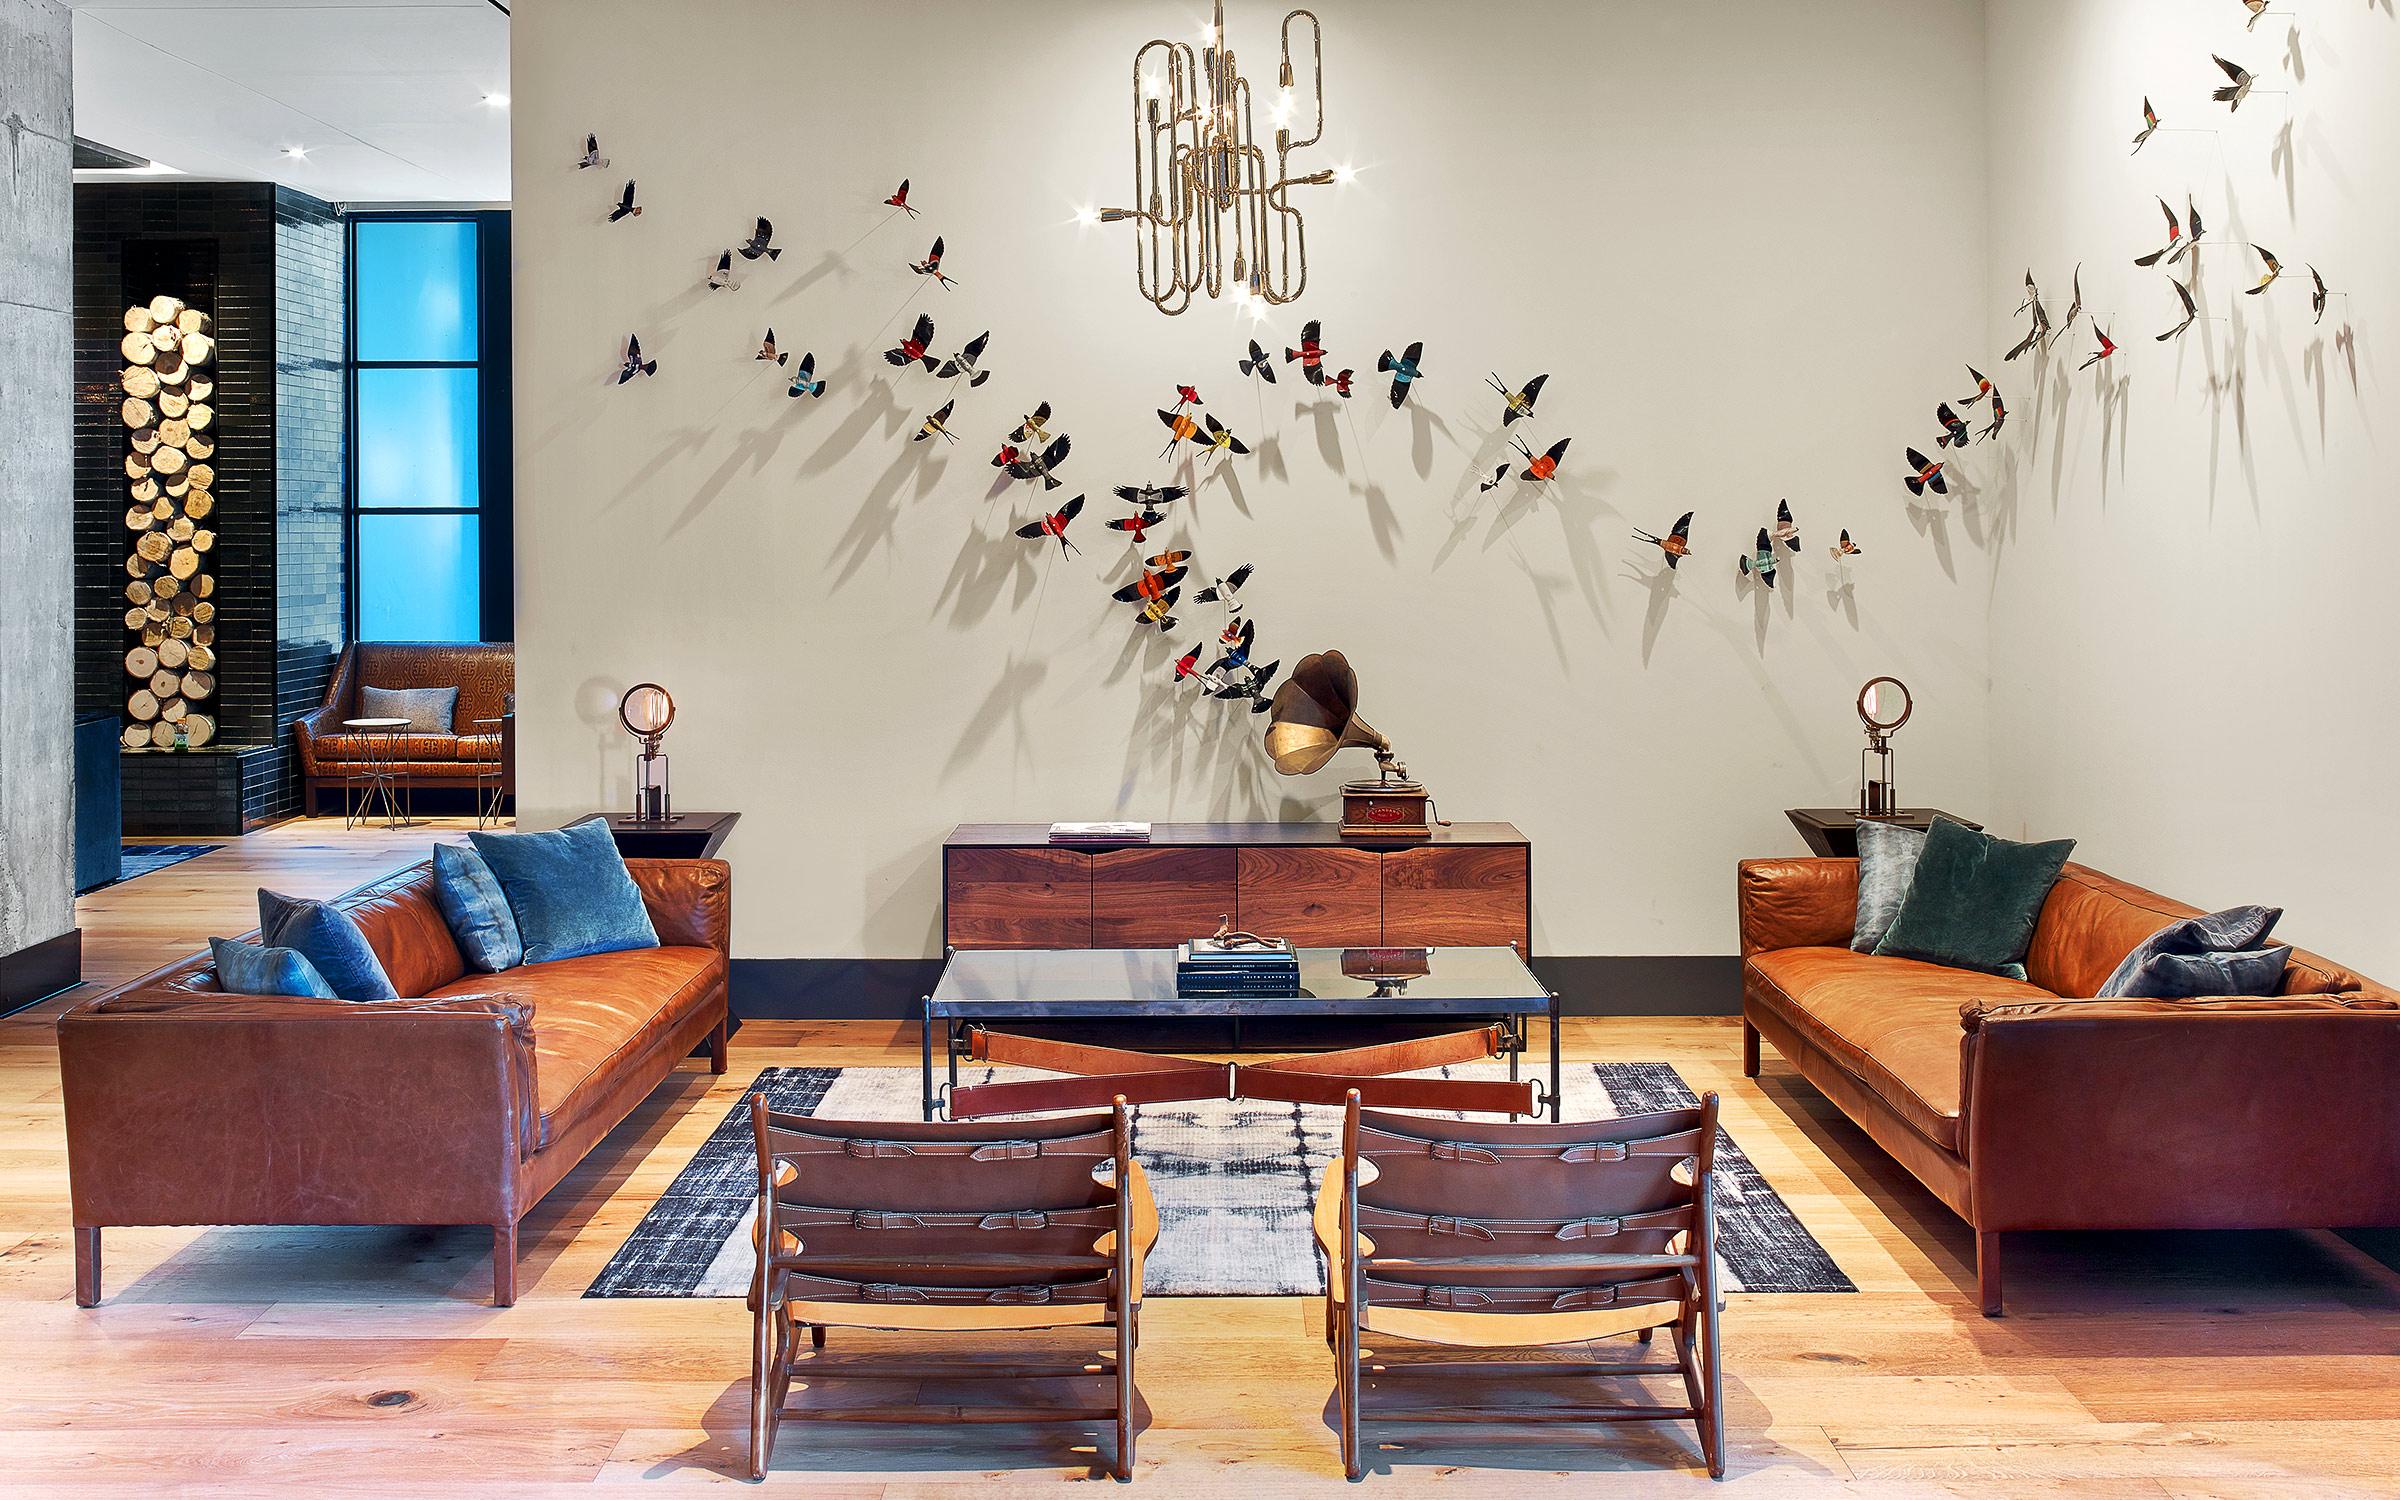 Living Room at Hotel Van Zandt.